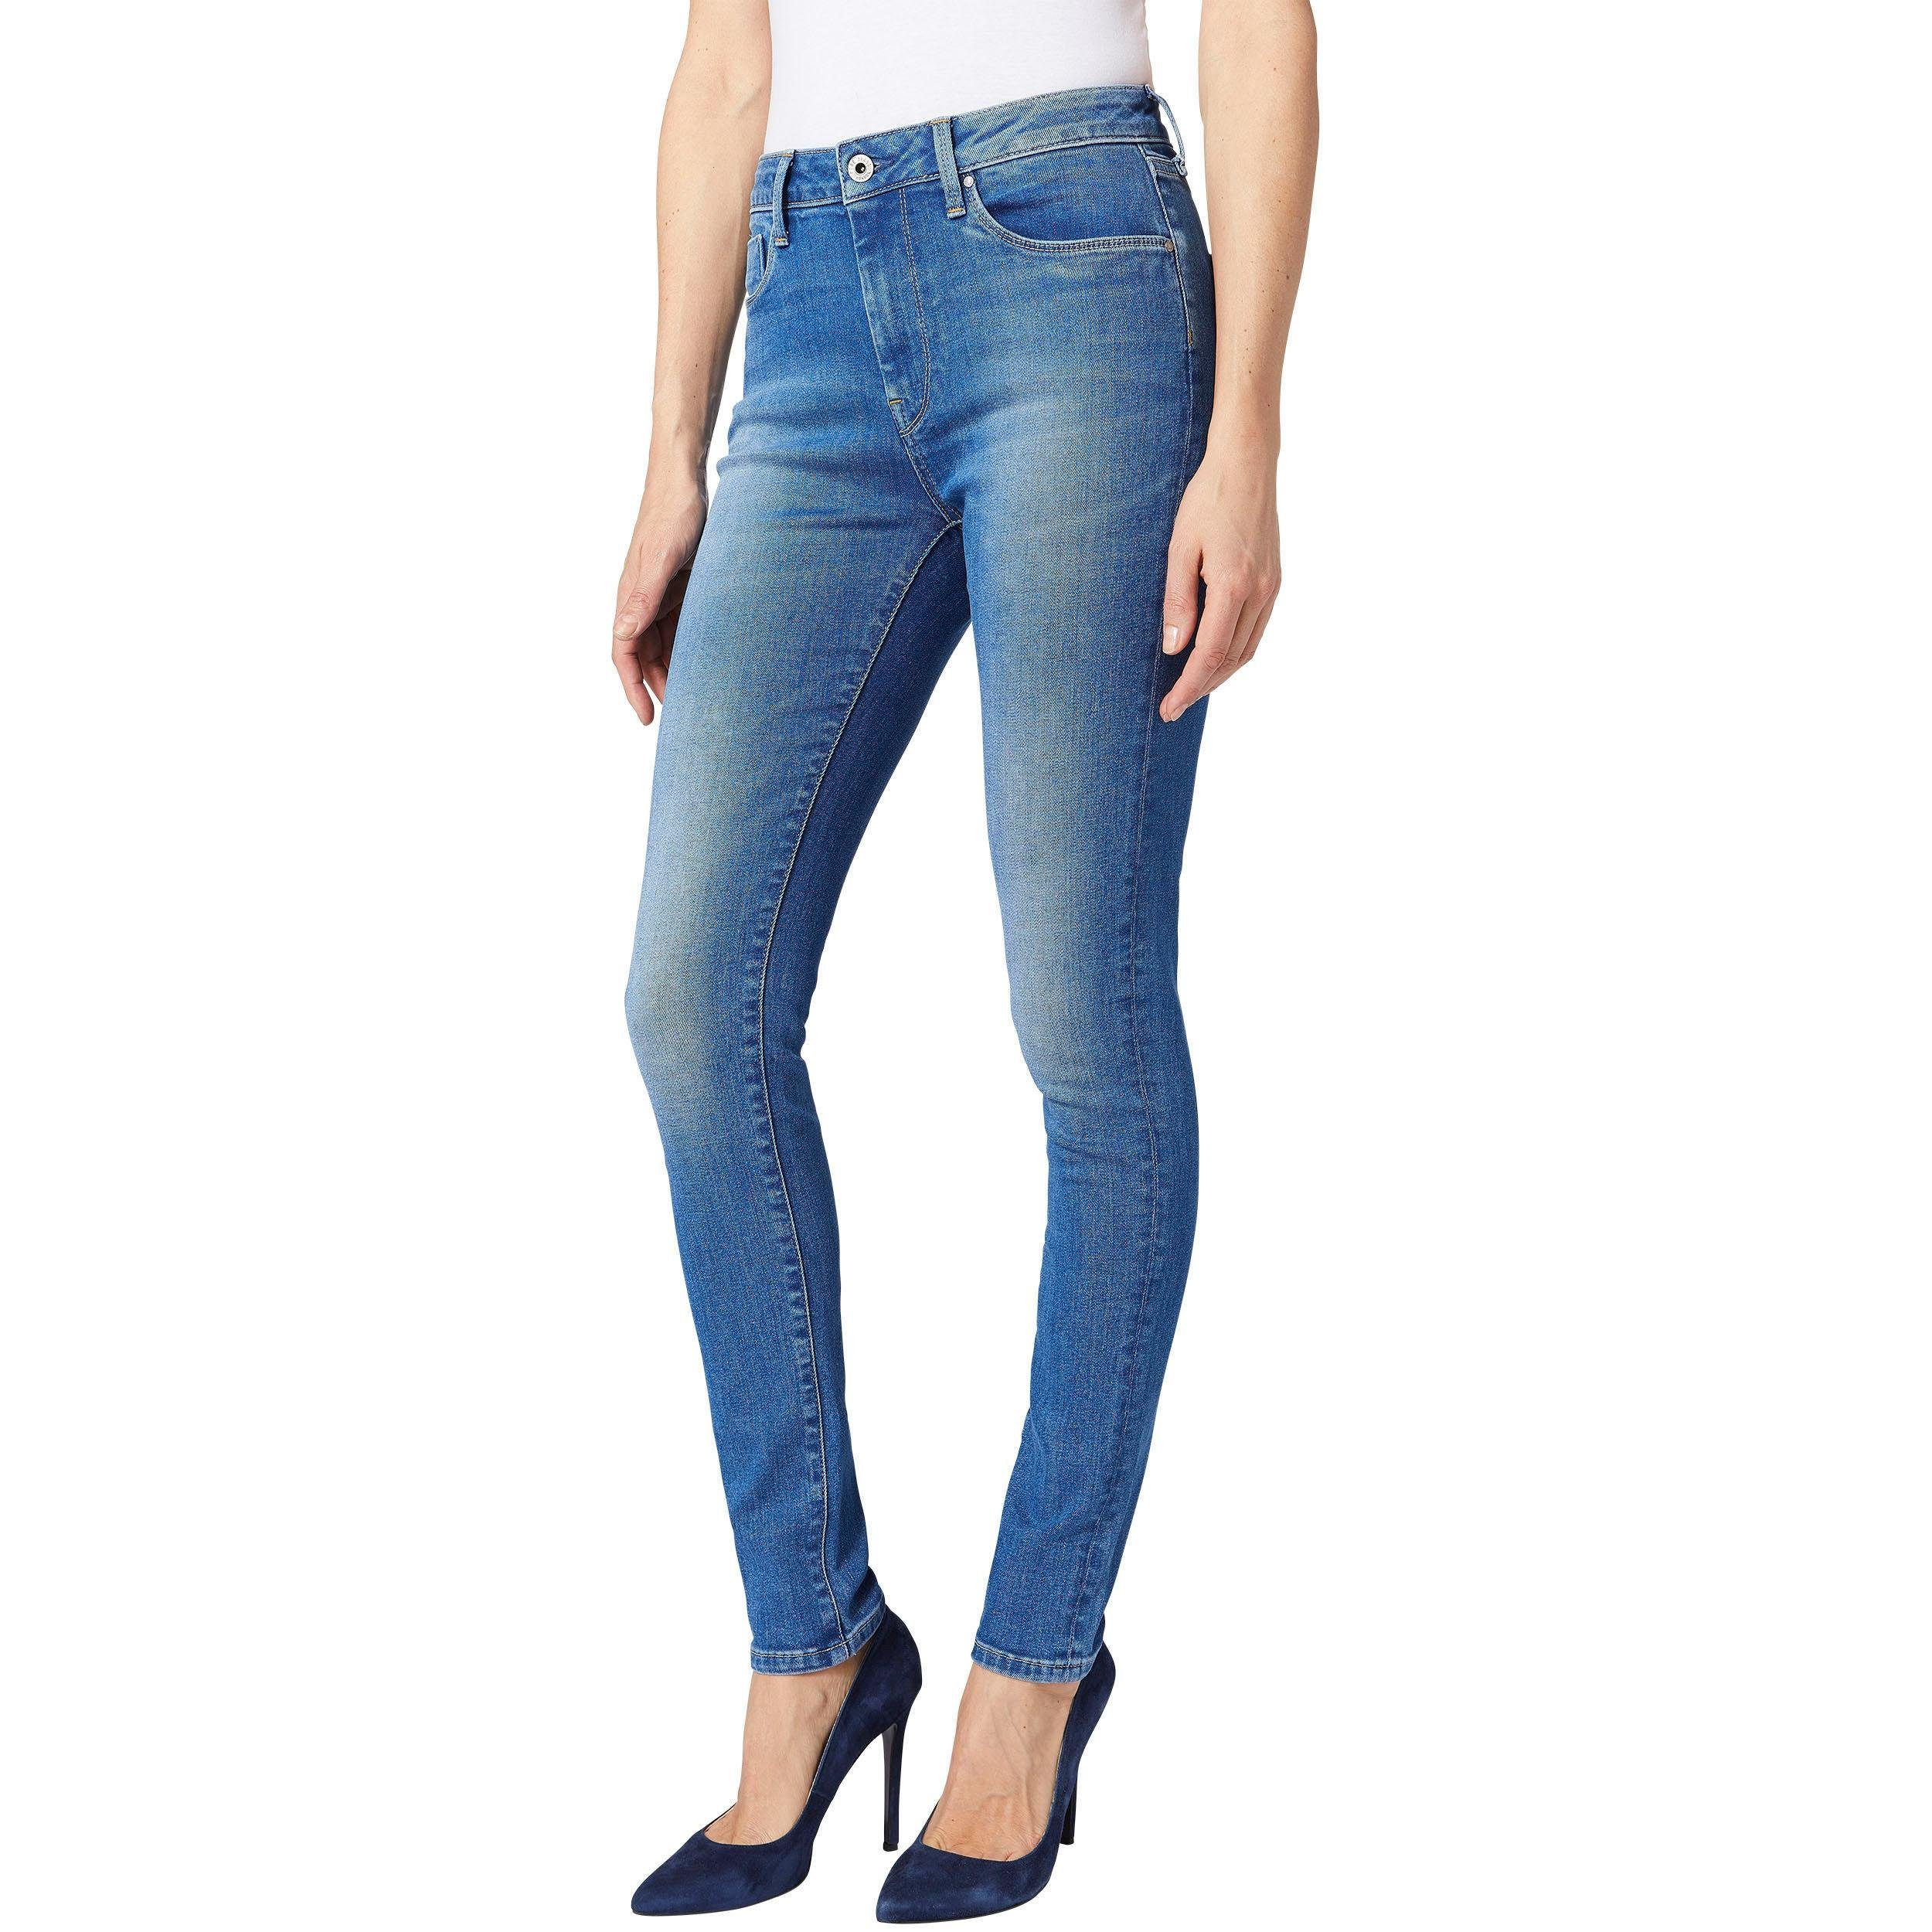 Pepe Jeans Skinny Regent? Bestel Nu Bij - Geweldige Prijs